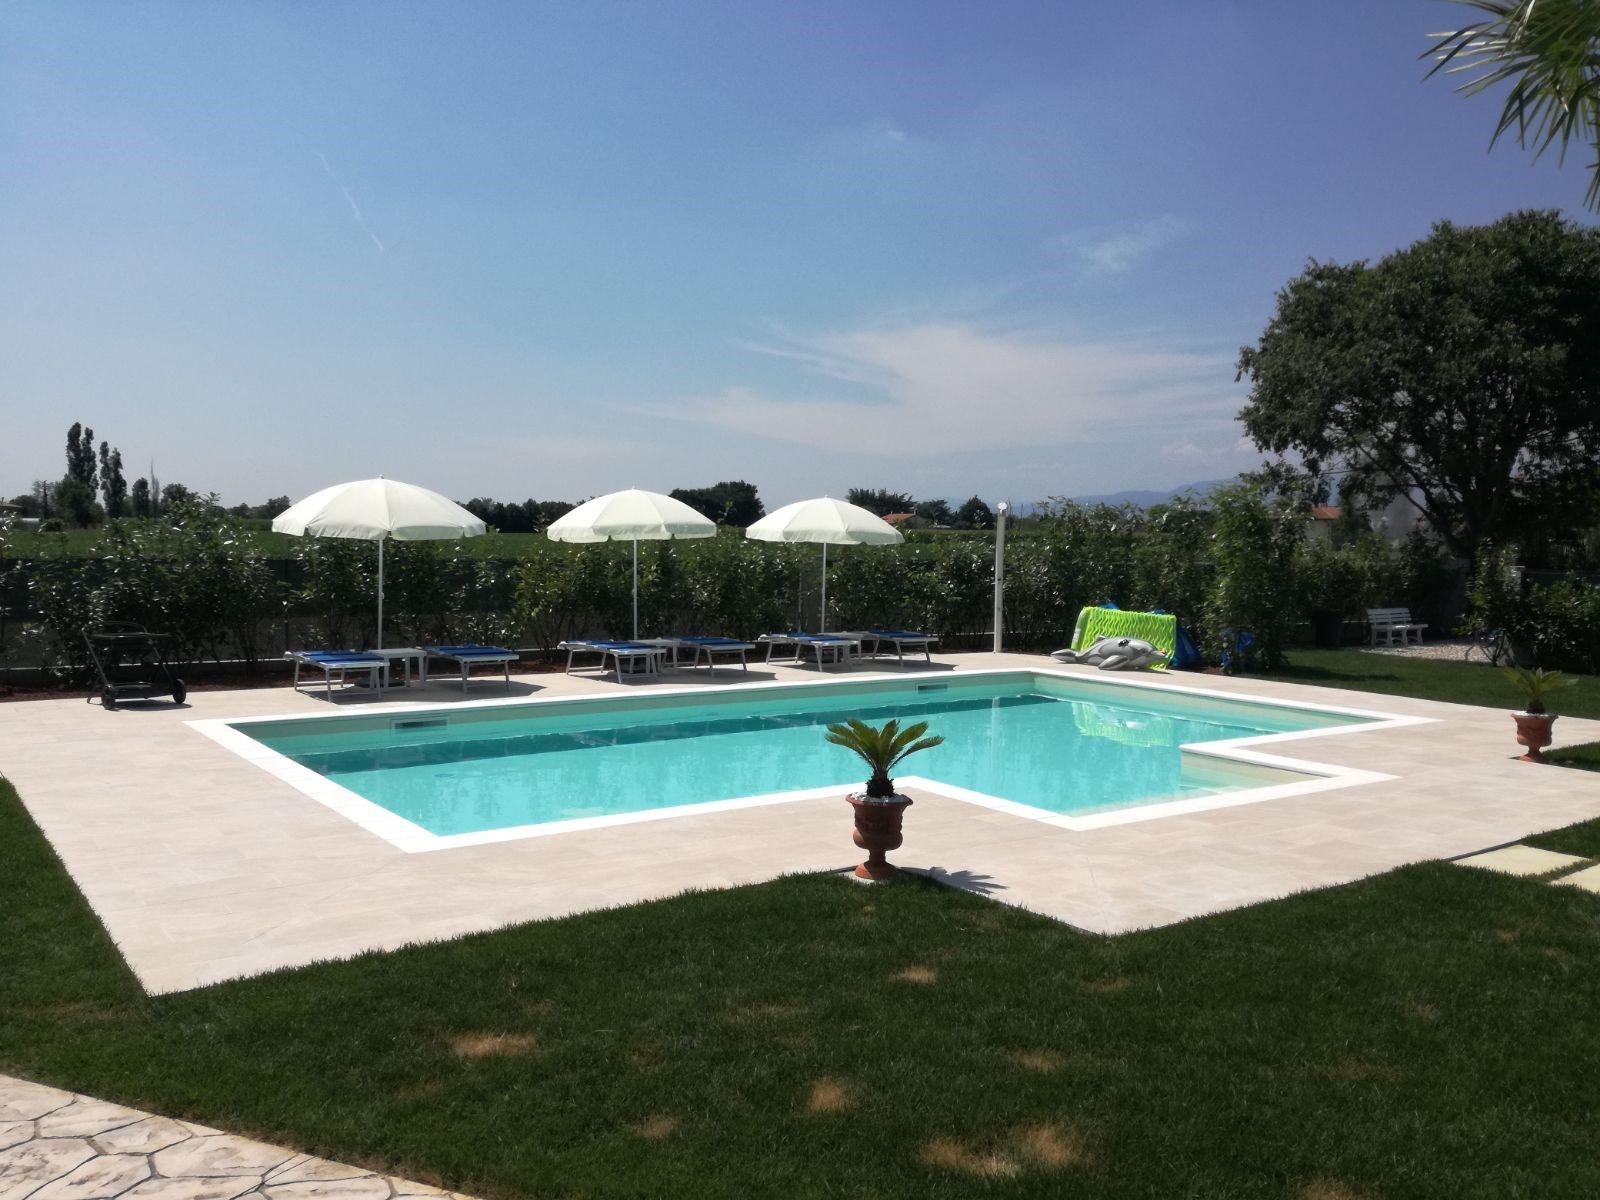 Qualche idea per la tua futura piscina interrata piscine - Piastrelle per piscina esterna ...